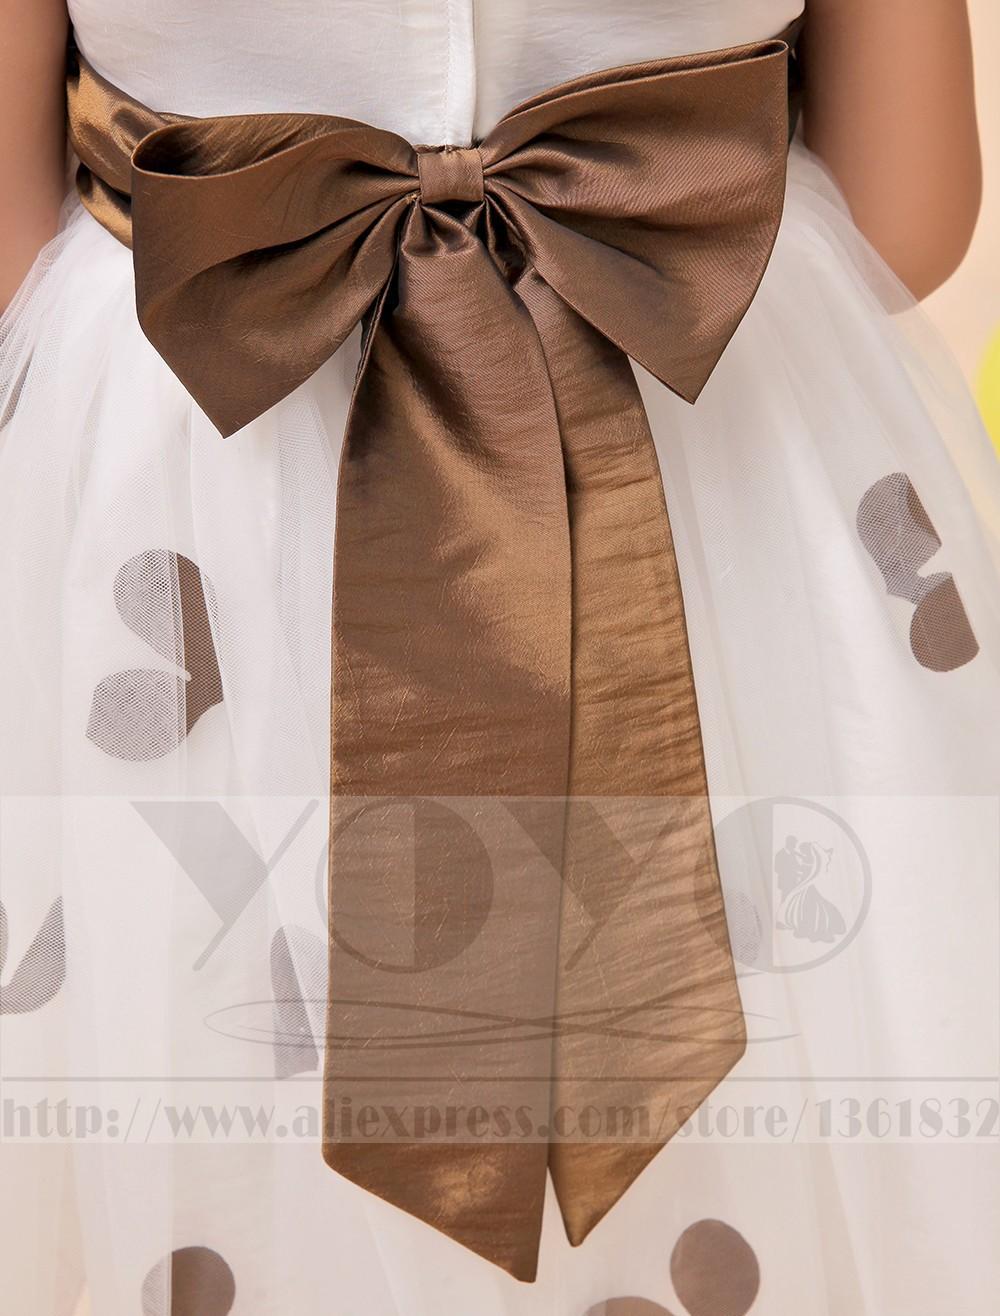 Скидки на Тюль платье-линии кот маленькие девочки платья с коричневый створки свадебные ну вечеринку дети девочки платья торжества платья